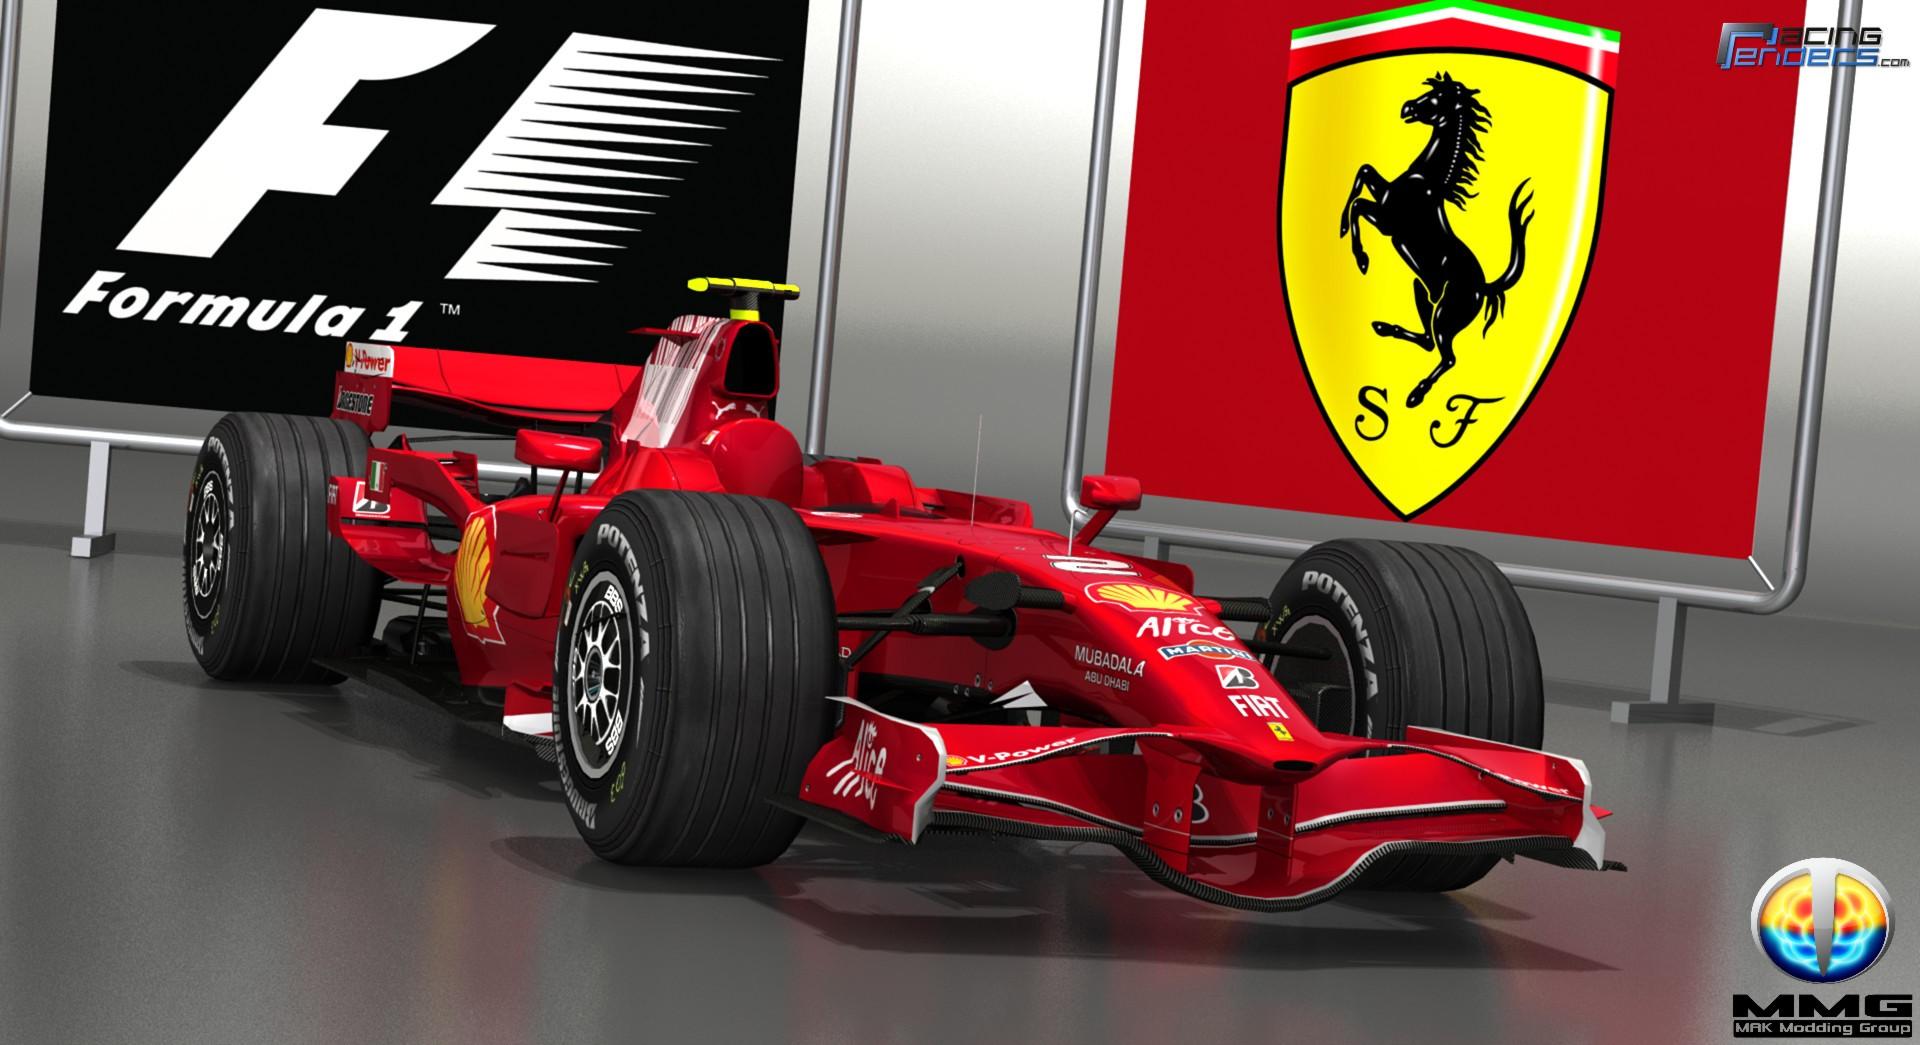 Ferrari F1 Wallpapers Archives Hd Desktop Wallpapers 4k Hd